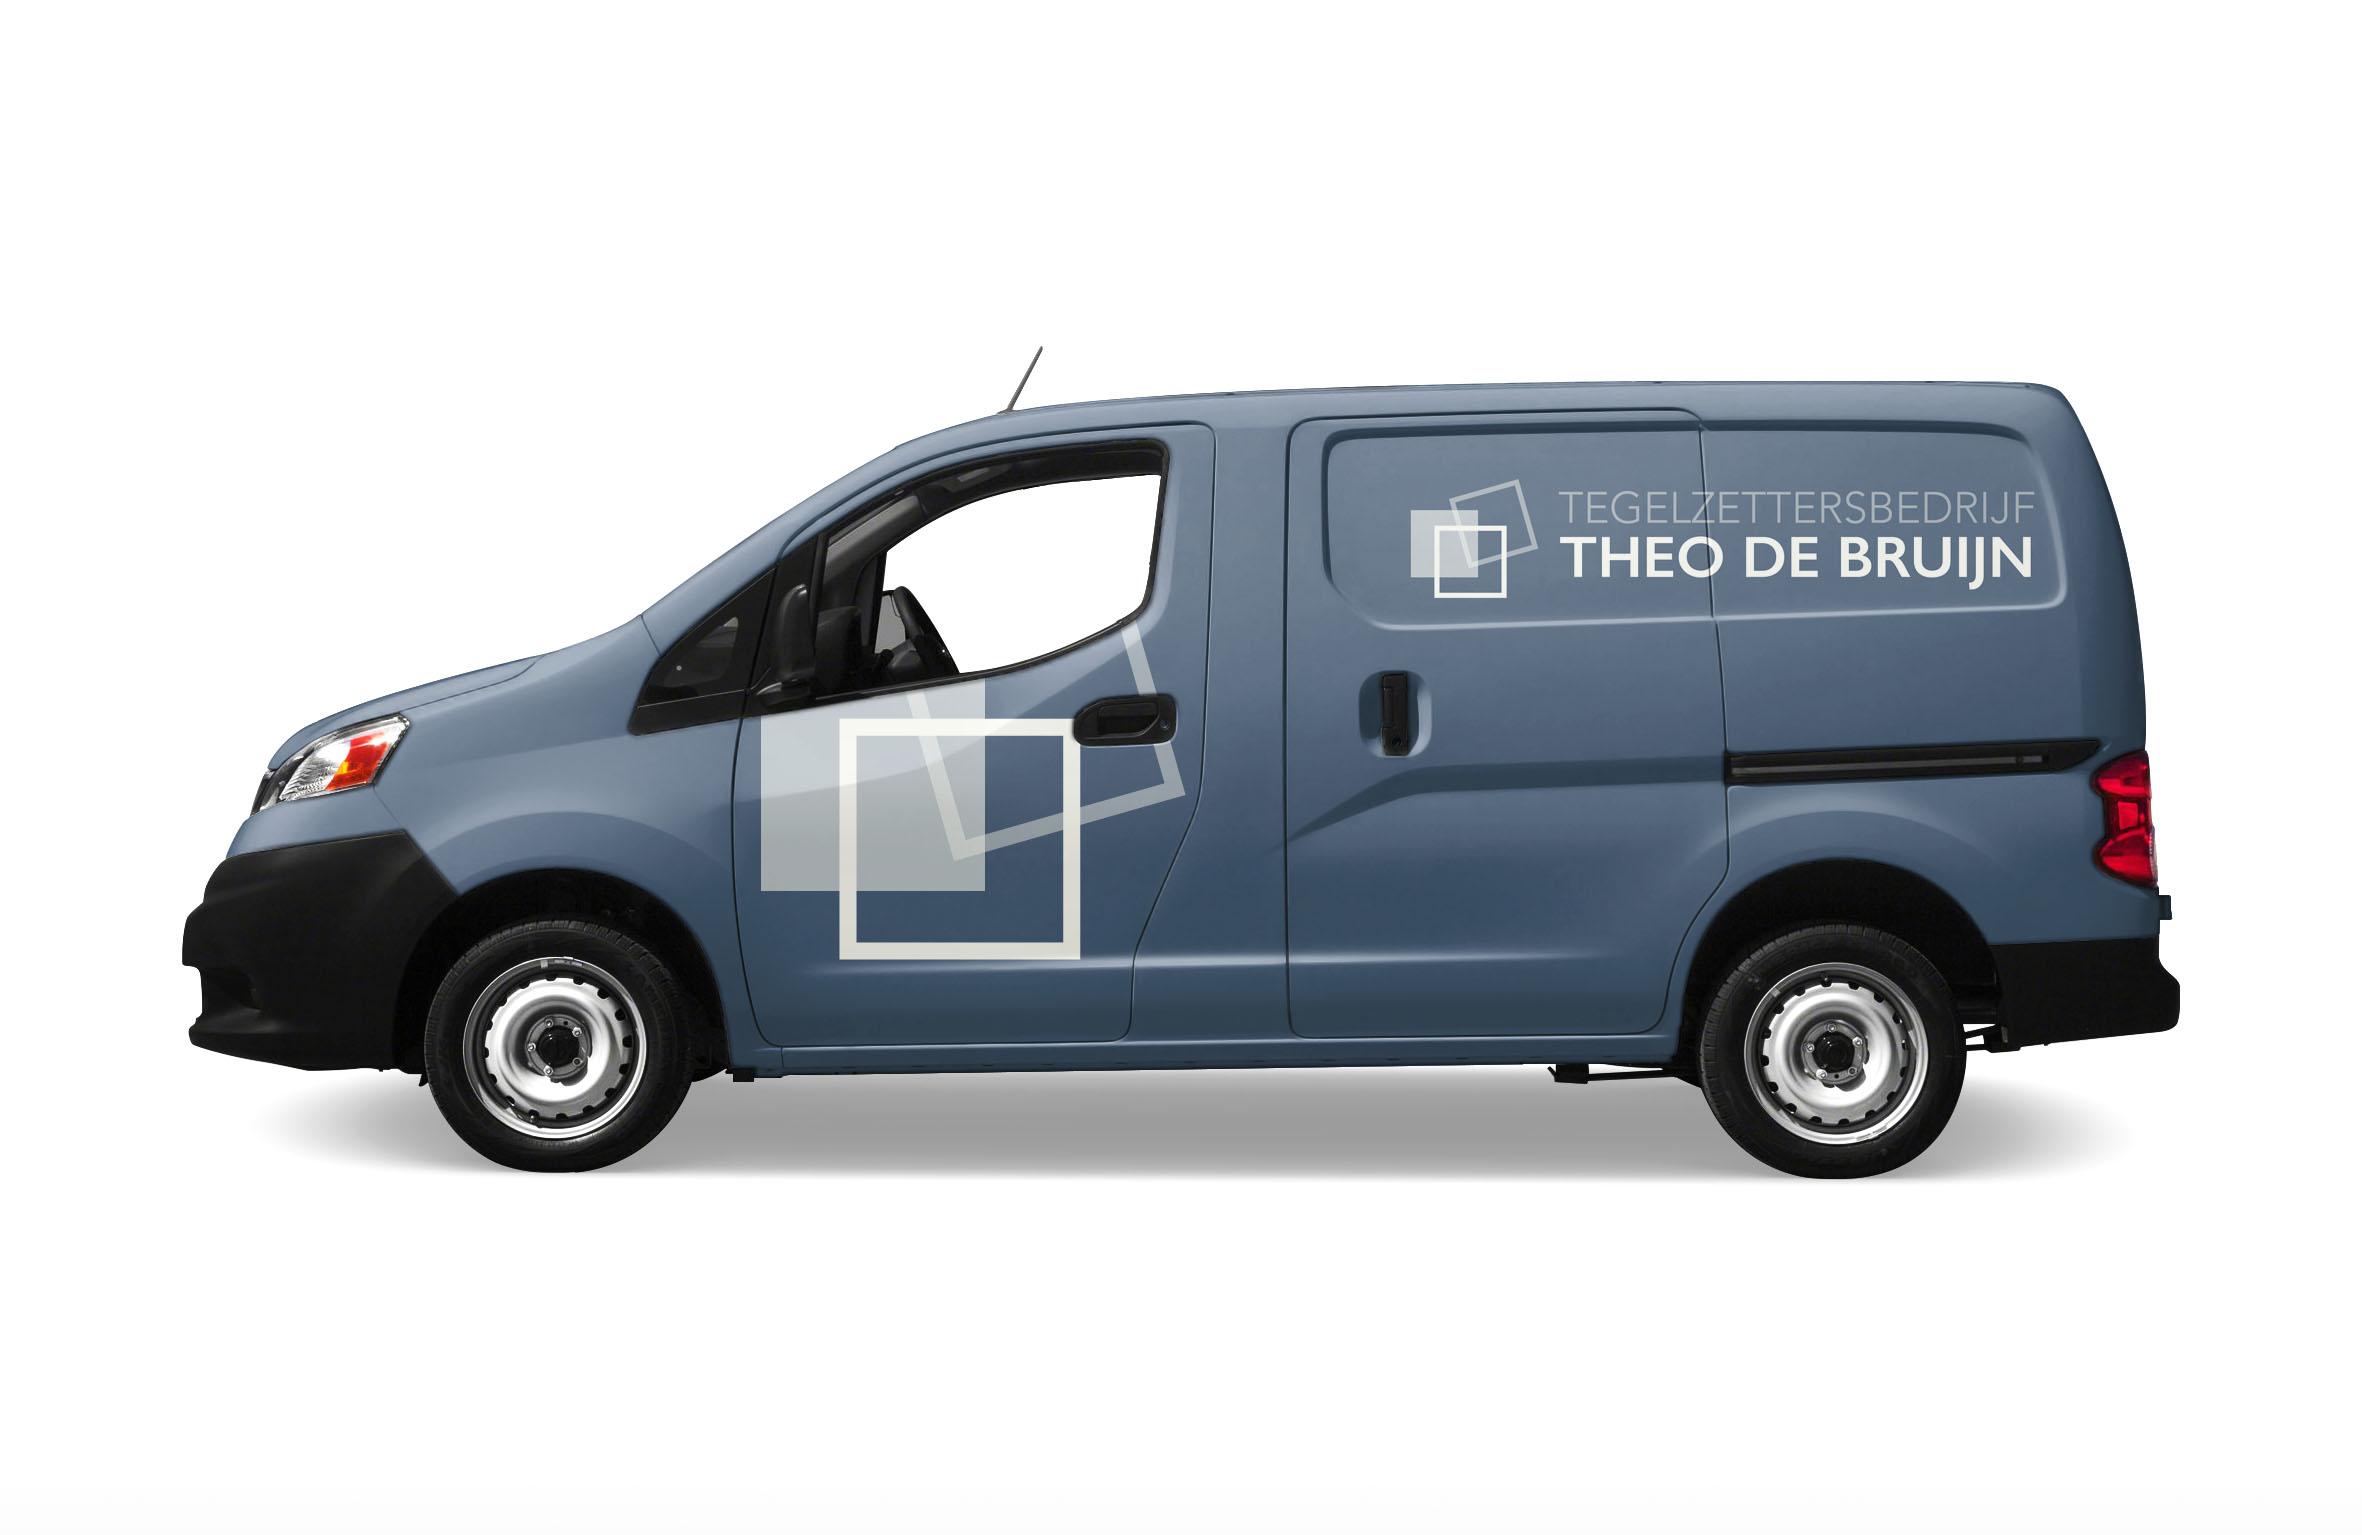 Tegelzettersbedrijf Theo de Bruijn